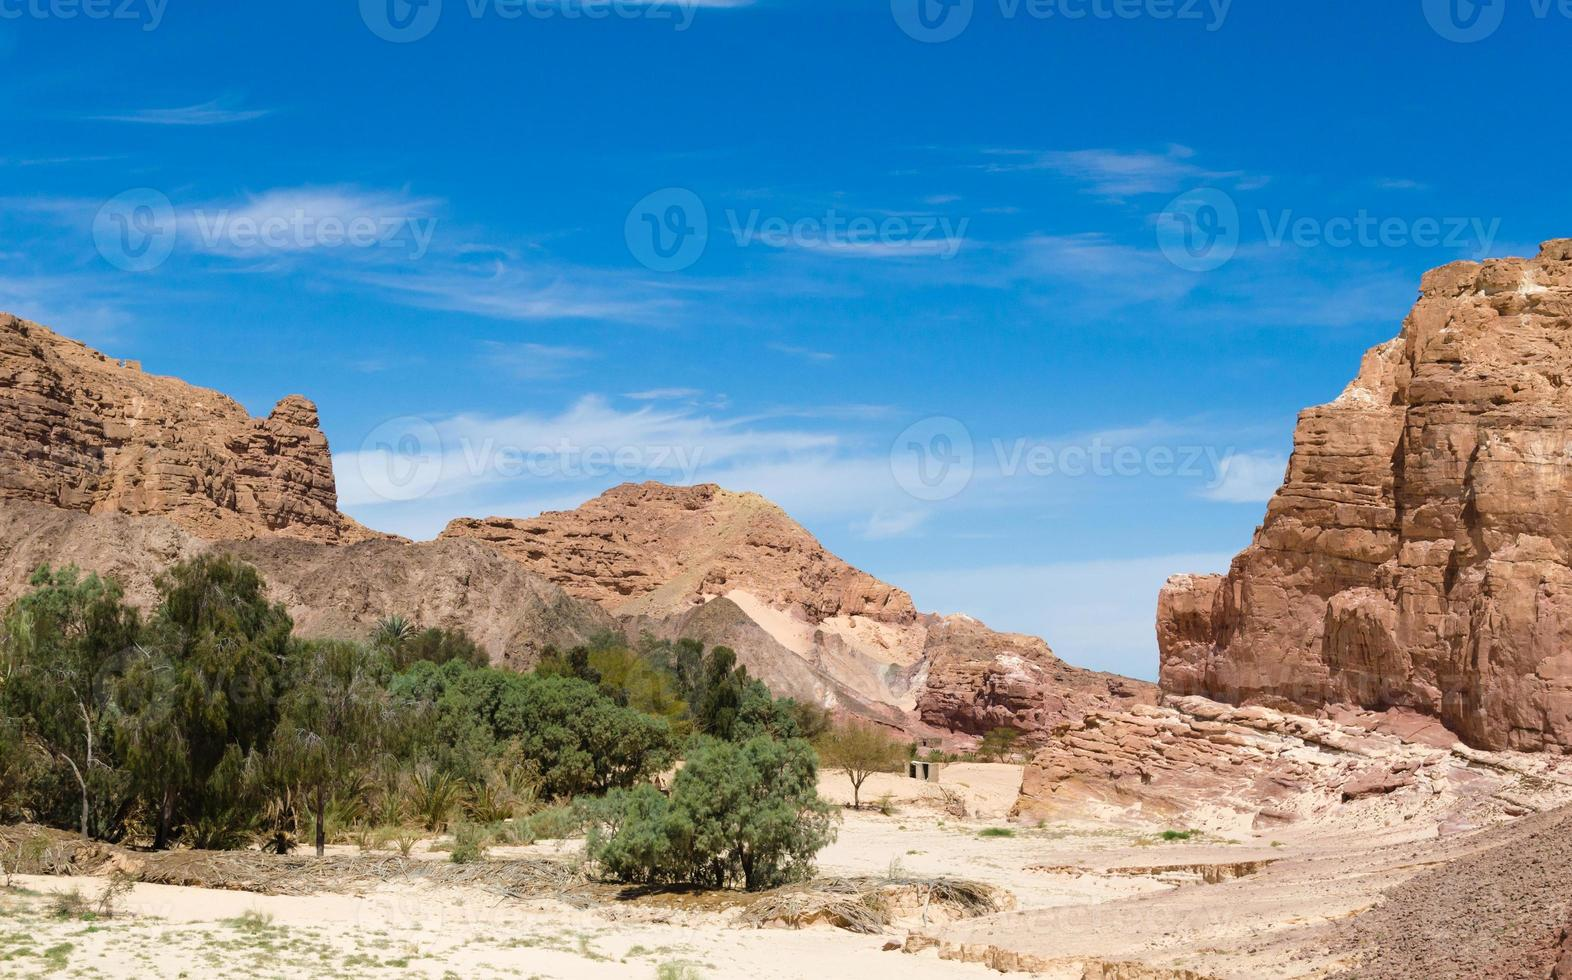 oasis du désert au milieu de hautes montagnes rocheuses photo